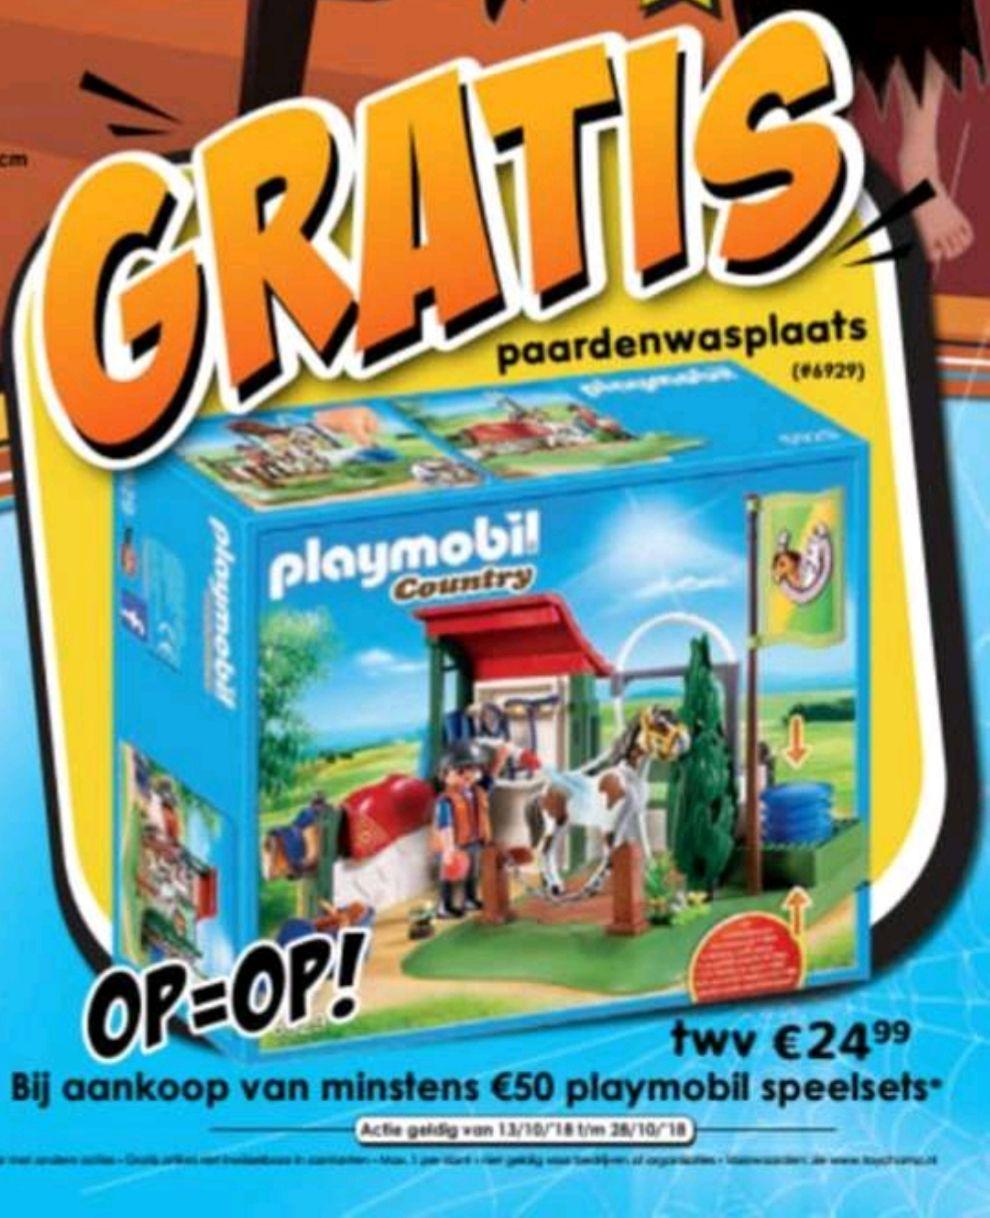 Gratis playmobil paardenwasplaats twv 24,99 bij aankoop van tenminste 50 euro aan playmobil speelsets bij Toy Champ